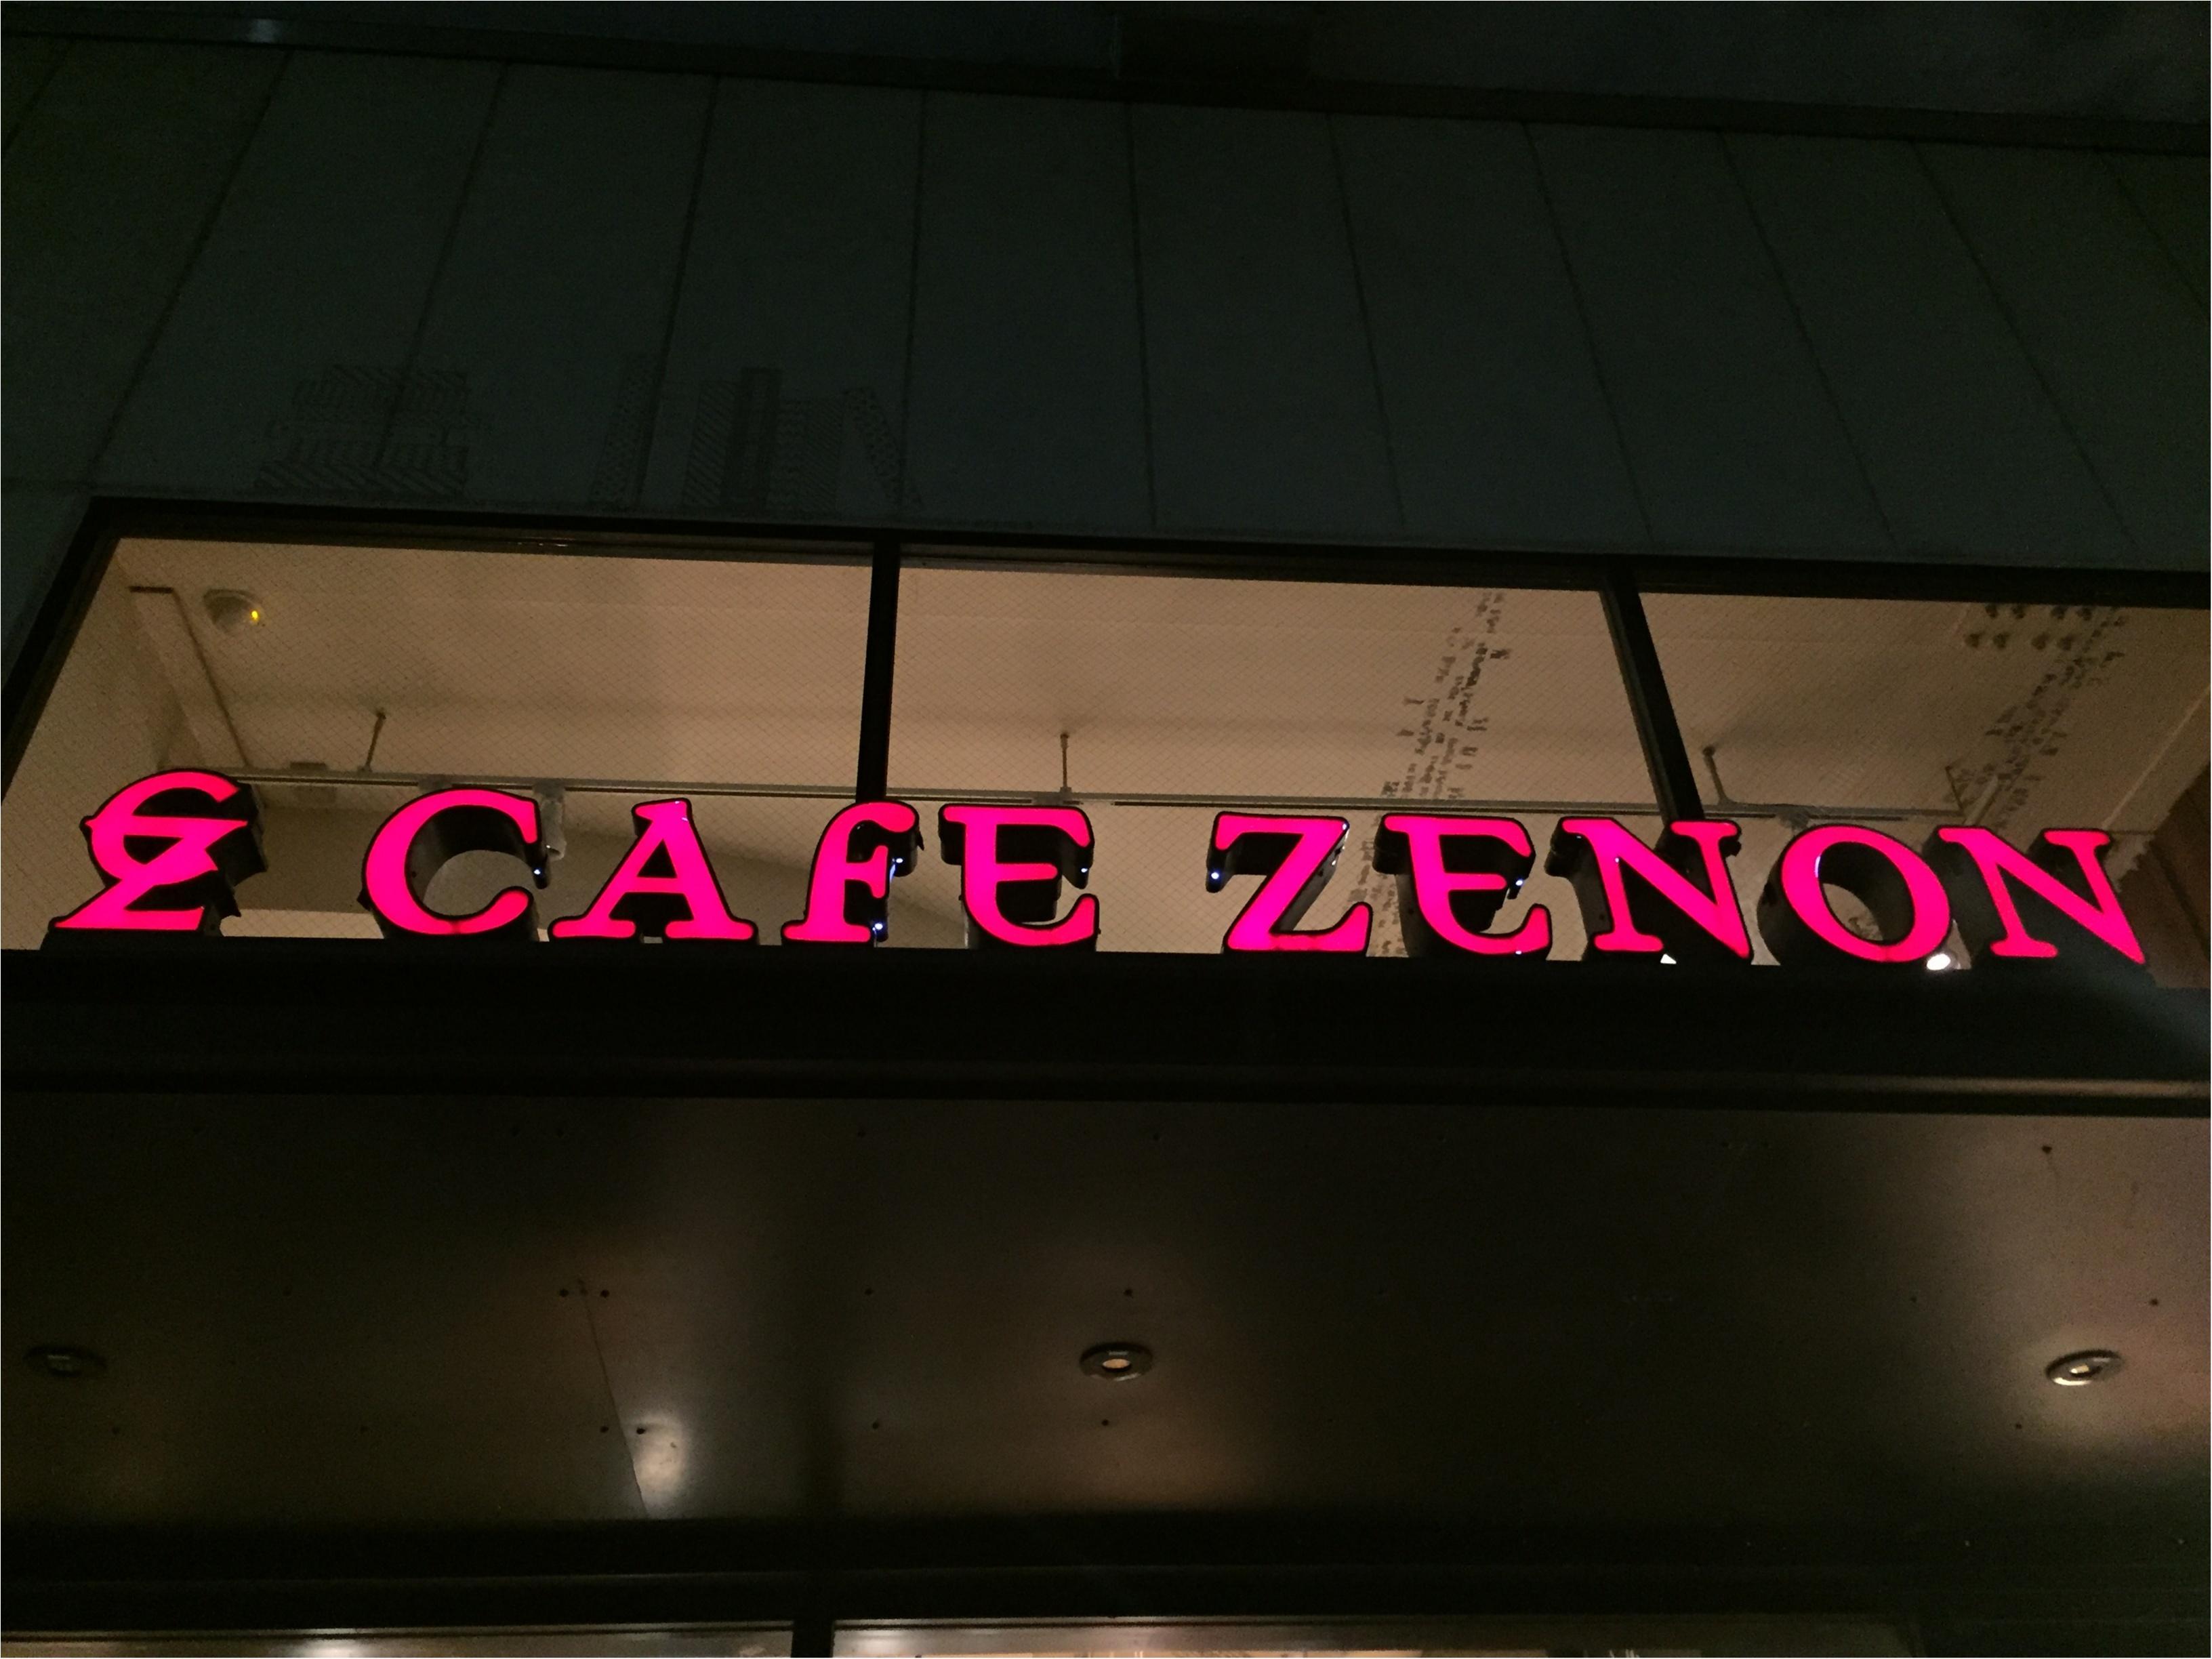 【吉祥寺/CAFE】漫画×アート×カフェ? 個性的な空間が生み出す居心地の良さおすすめです!_1